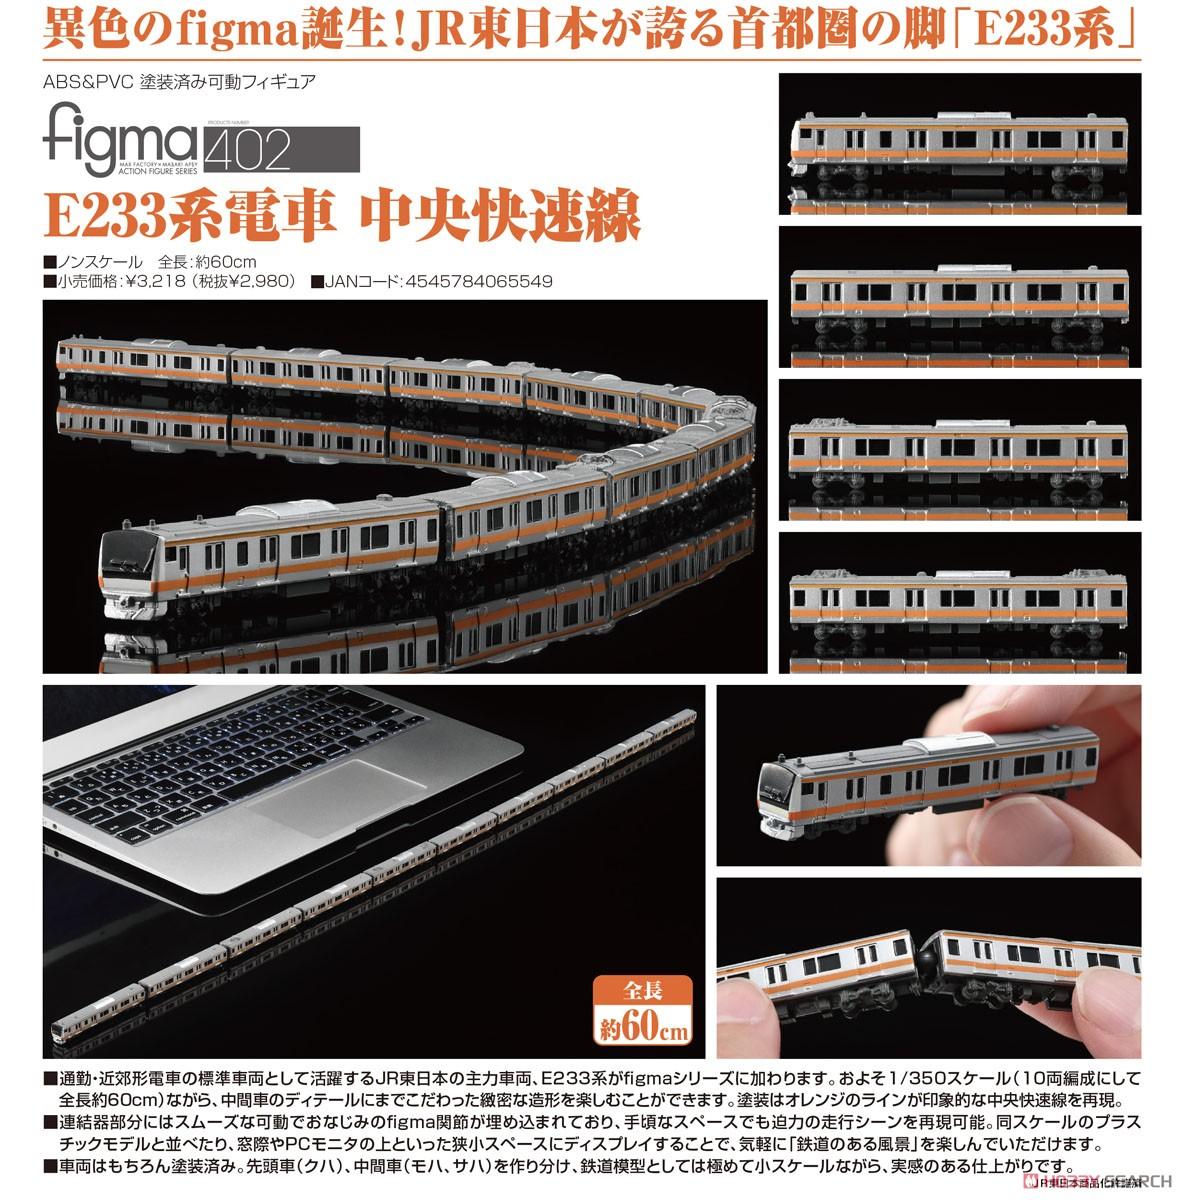 figma E233 Train: Chou Line (Rapid)